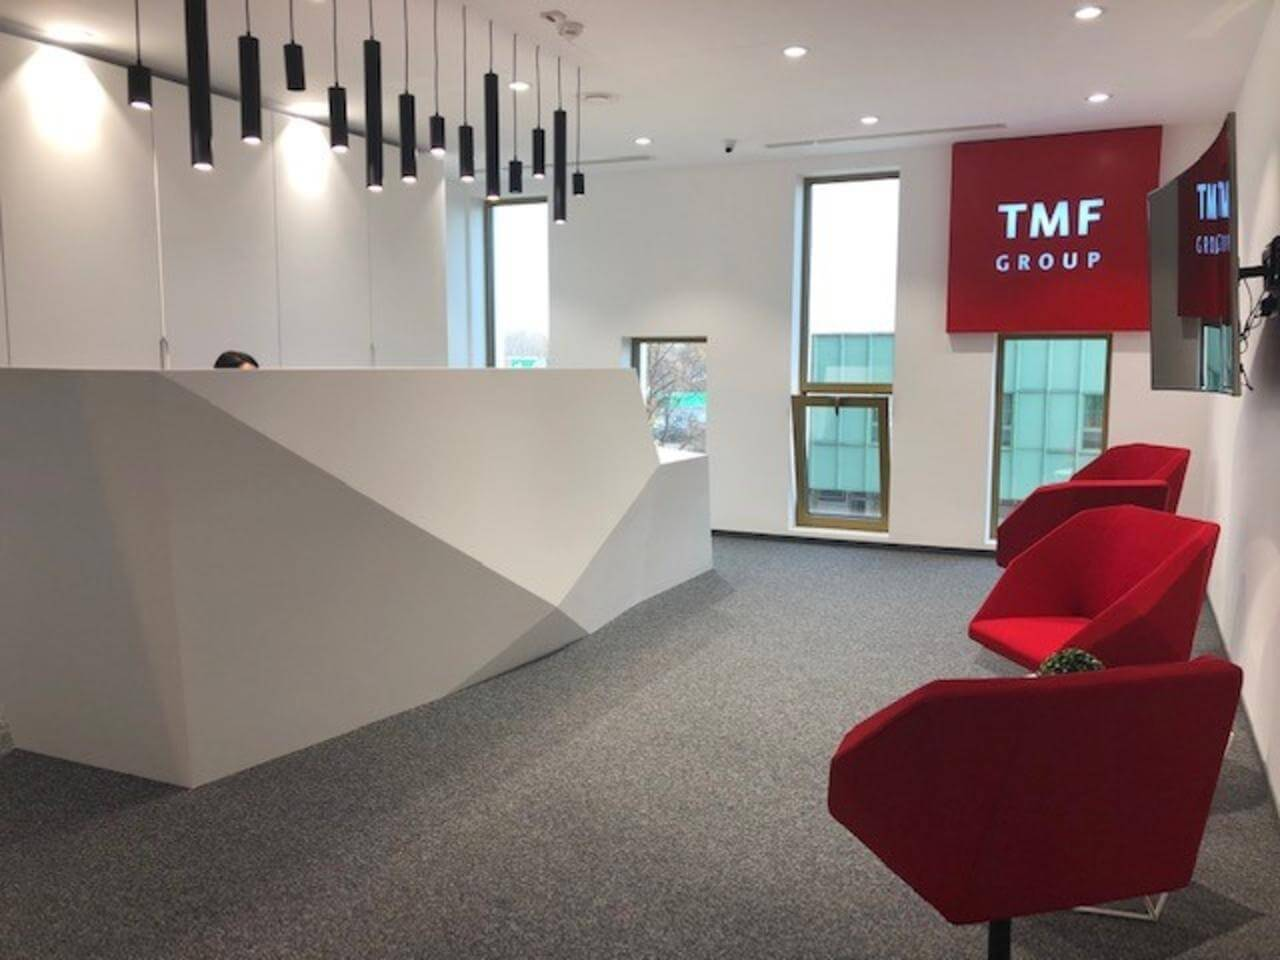 Szukasz odpowiedniej ścieżki kariery?   TMF Group